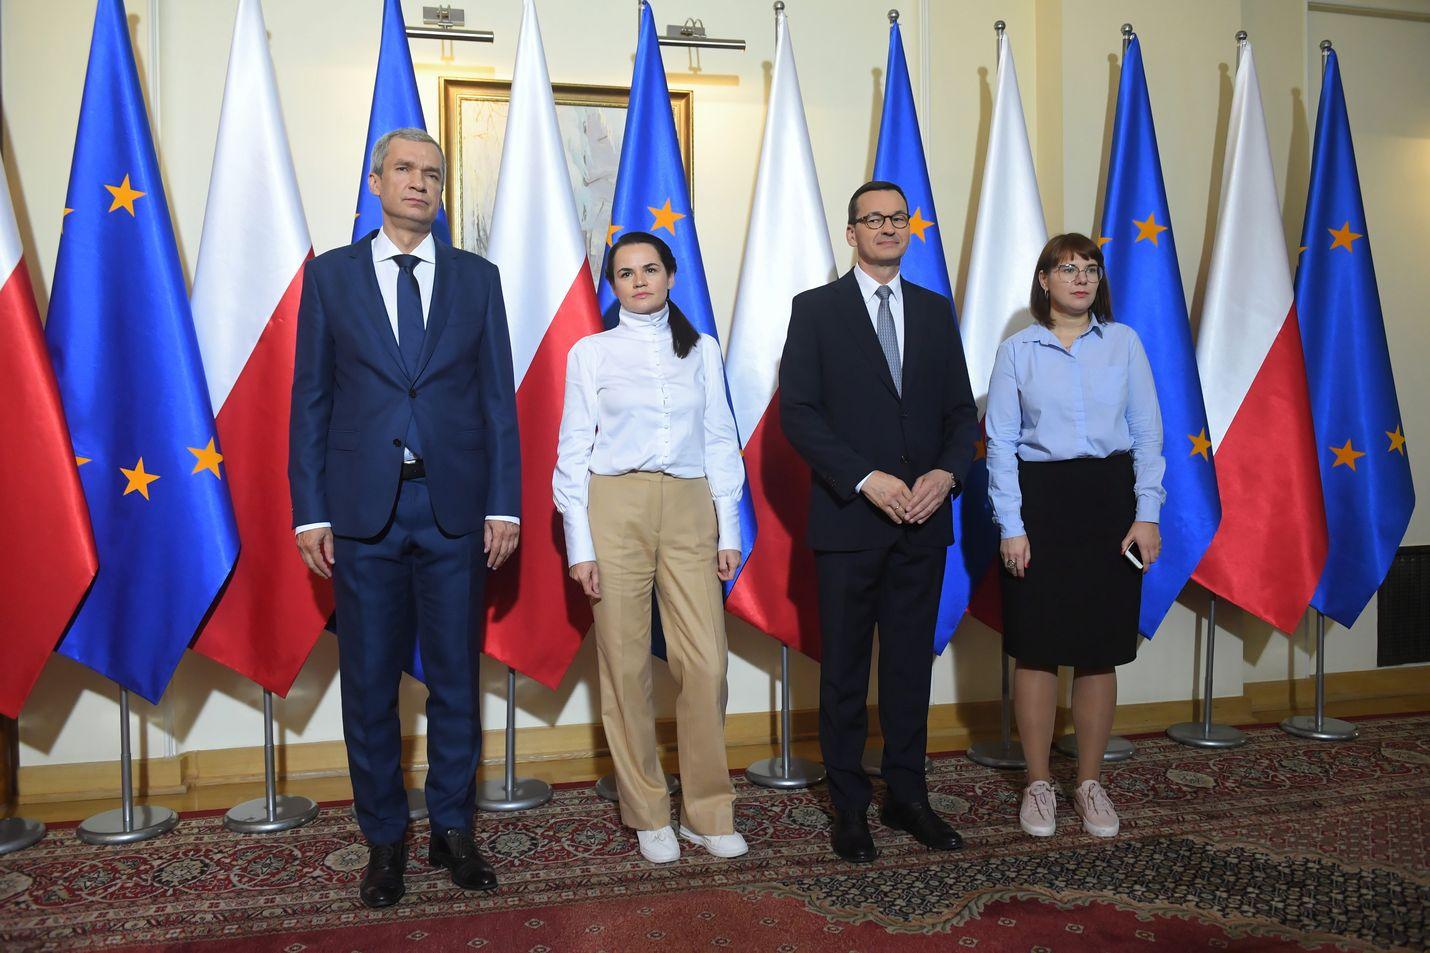 Koordinaationeuvoston jäsen Pavel Latushka (vas.), oppositiojohtaja Svjatlana Tsikhanouskaja, Puolan pääministeri Mateusz Morawiecki sekä koordinaationeuvoston jäsen Olga Kovalkova tapasivat Varsovassa 9. syyskuuta.